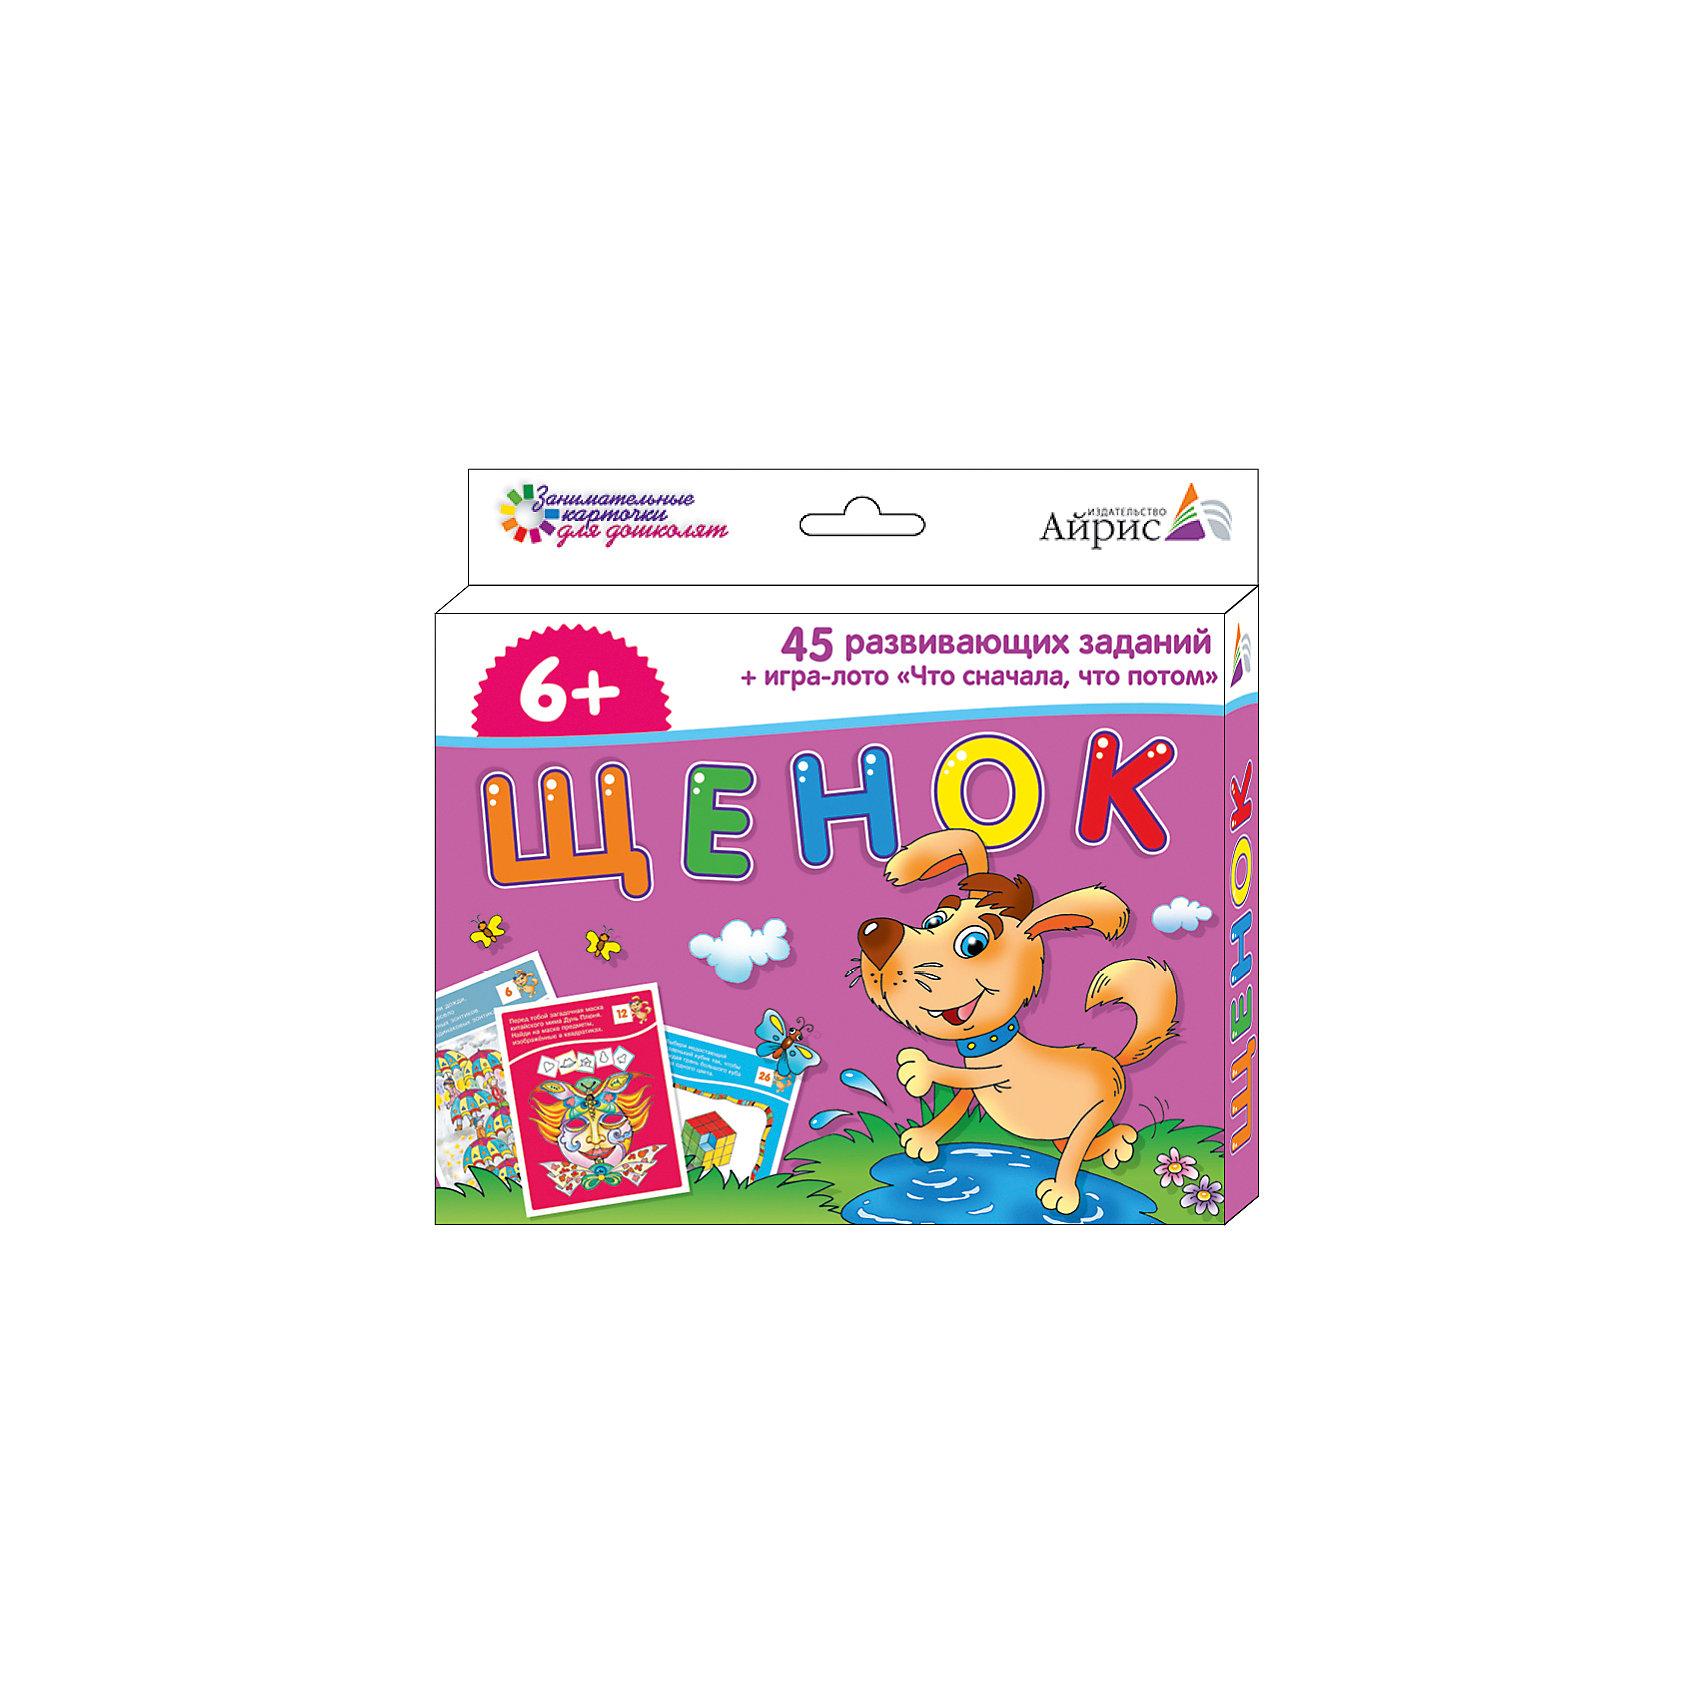 Набор занимательных карточек для дошколят ЩенокОбучающие карточки<br>Набор состоит из 48 карточек, предназначенных для занятий с детьми от 6 лет. На одной стороне карточек даны занимательные задания-головоломки. Вооружившись карандашом, ребёнок пройдёт по запутанным лабиринтам, найдёт отличия в рисунках и ошибки художника, познакомится с буквами, решит логические задачи и выполнит множество других увлекательных заданий. Такие упражнения развивают мышление, речь, воображение, тренируют память и внимание.&#13;<br>На другой стороне карточек расположена игра Что сначала, что потом. Нужно найти четыре карточки на одну тему и разложить их в правильной временной последовательности. &#13;<br>На отдельном листе-вкладыше даны ответы, по которым родители смогут проверить, правильно ли выполнено задание. Благодаря компактной упаковке карточки удобно брать в дорогу или на отдых. Ребёнок всегда будет с удовольствием заниматься по ним.<br><br>Ширина мм: 25<br>Глубина мм: 163<br>Высота мм: 150<br>Вес г: 230<br>Возраст от месяцев: 72<br>Возраст до месяцев: 96<br>Пол: Унисекс<br>Возраст: Детский<br>SKU: 6849621